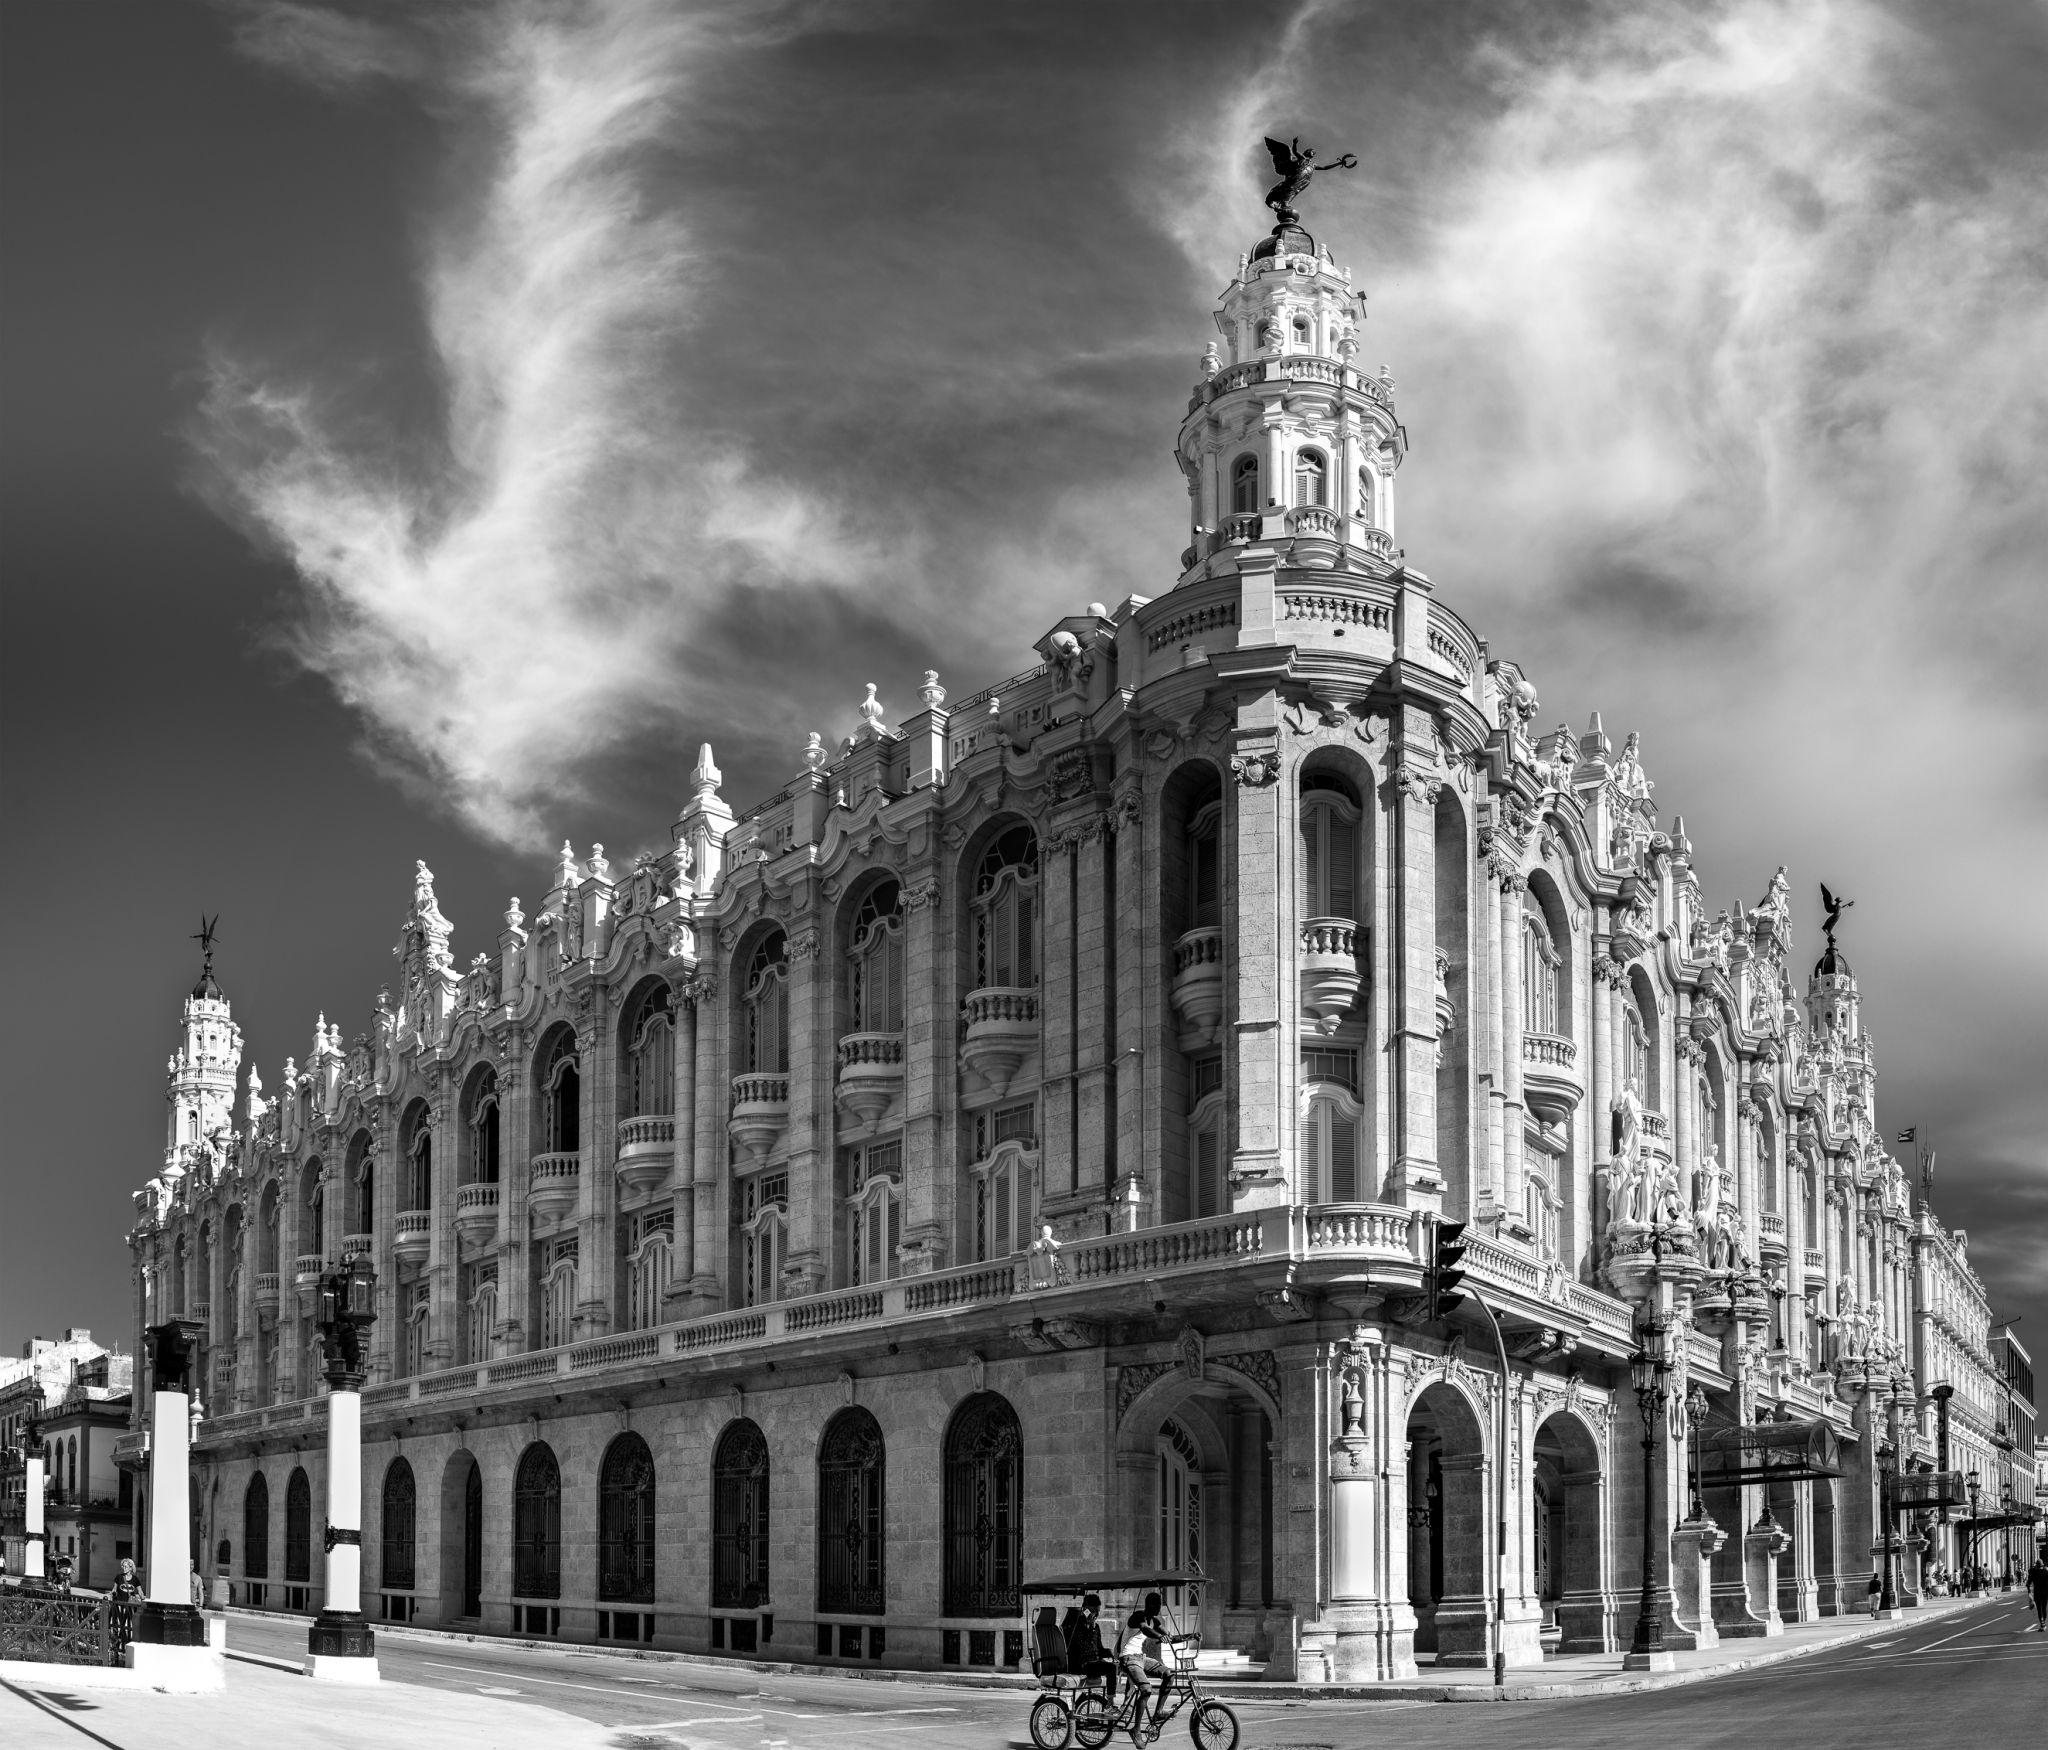 Great Theatre of Havana, Cuba